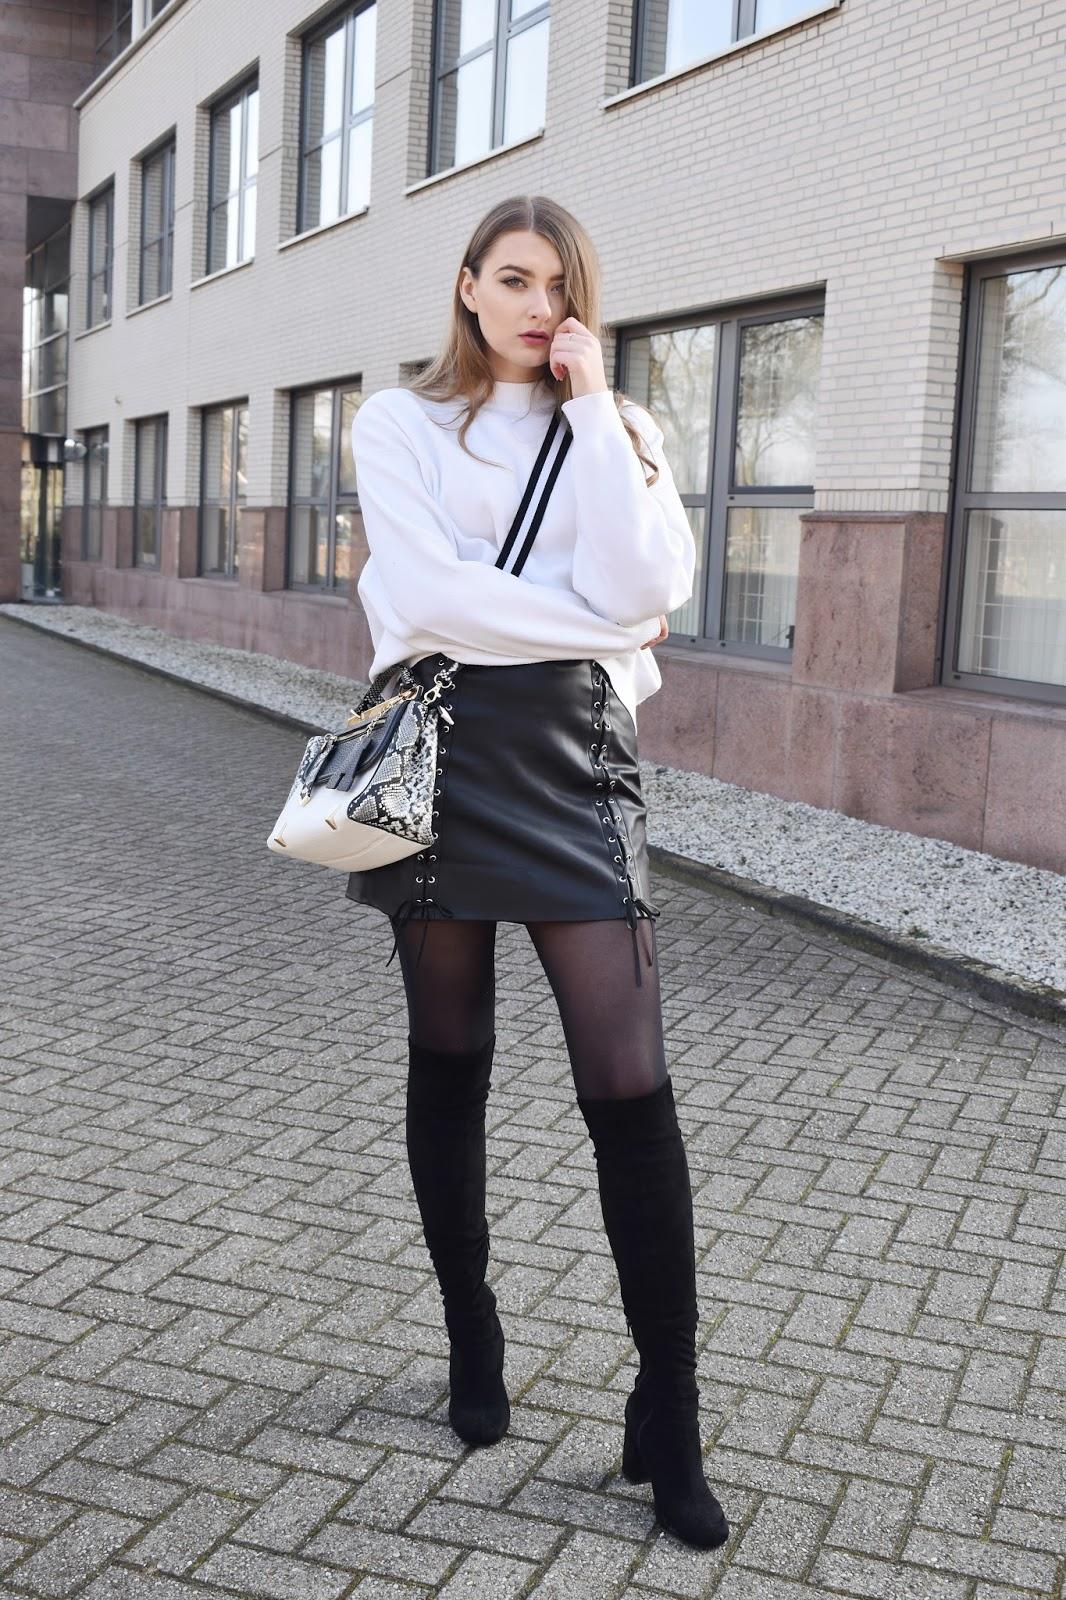 jaka bluzka pasuje do czarnej skórzanej spódnicy